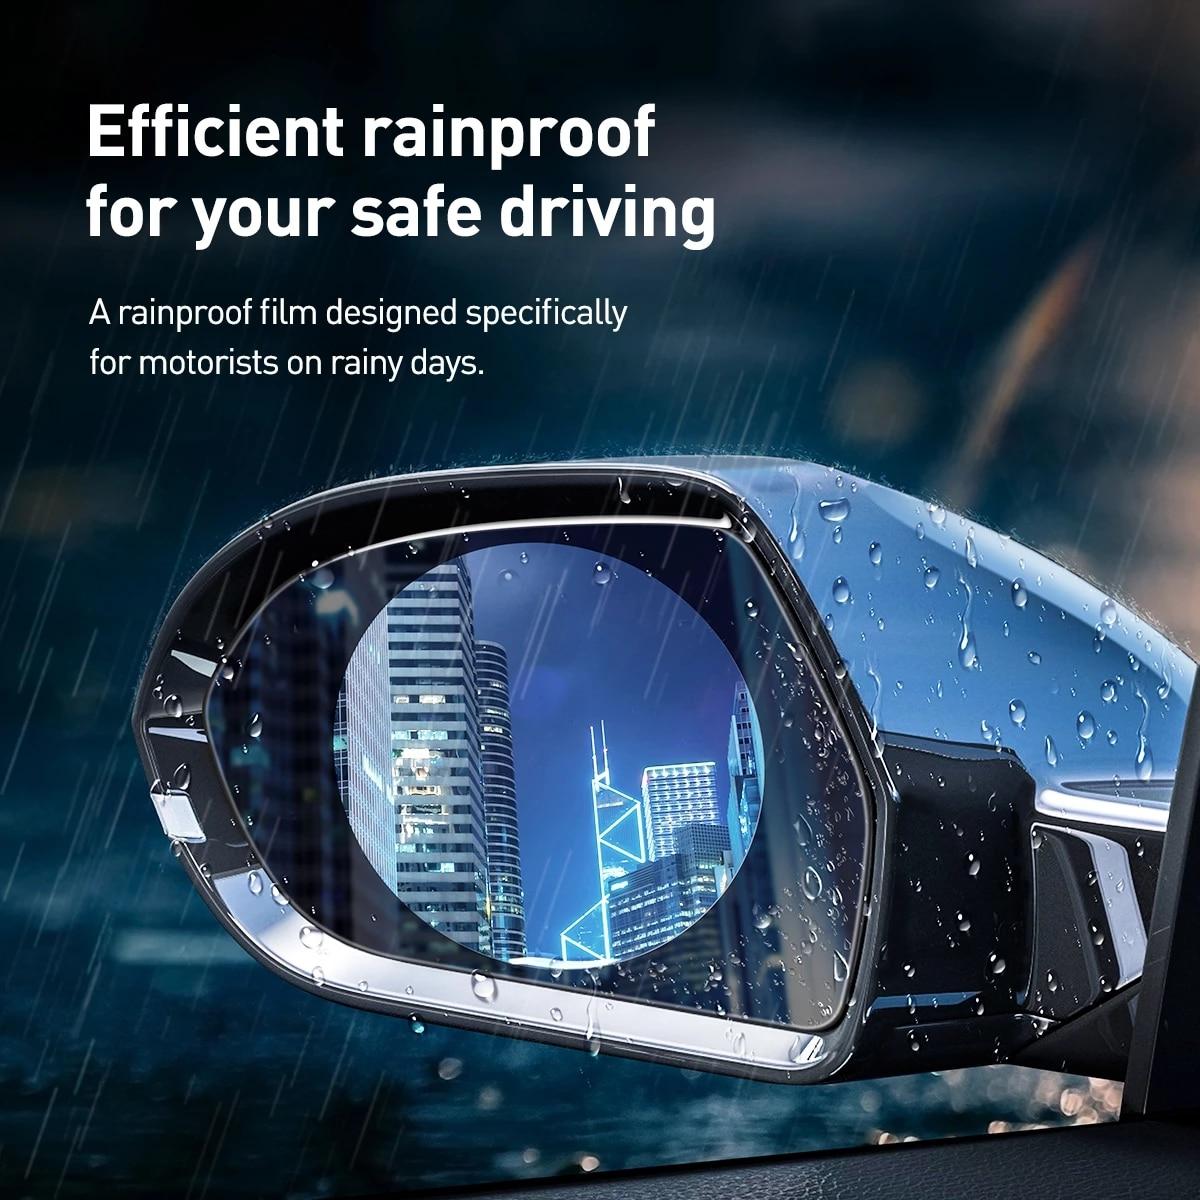 2 шт./компл. непромокаемый Автомобильный аксессуары для автомобиля, зеркальное окошечко, прозрачная пленка анти-туман Анти-блики Водонепрон...